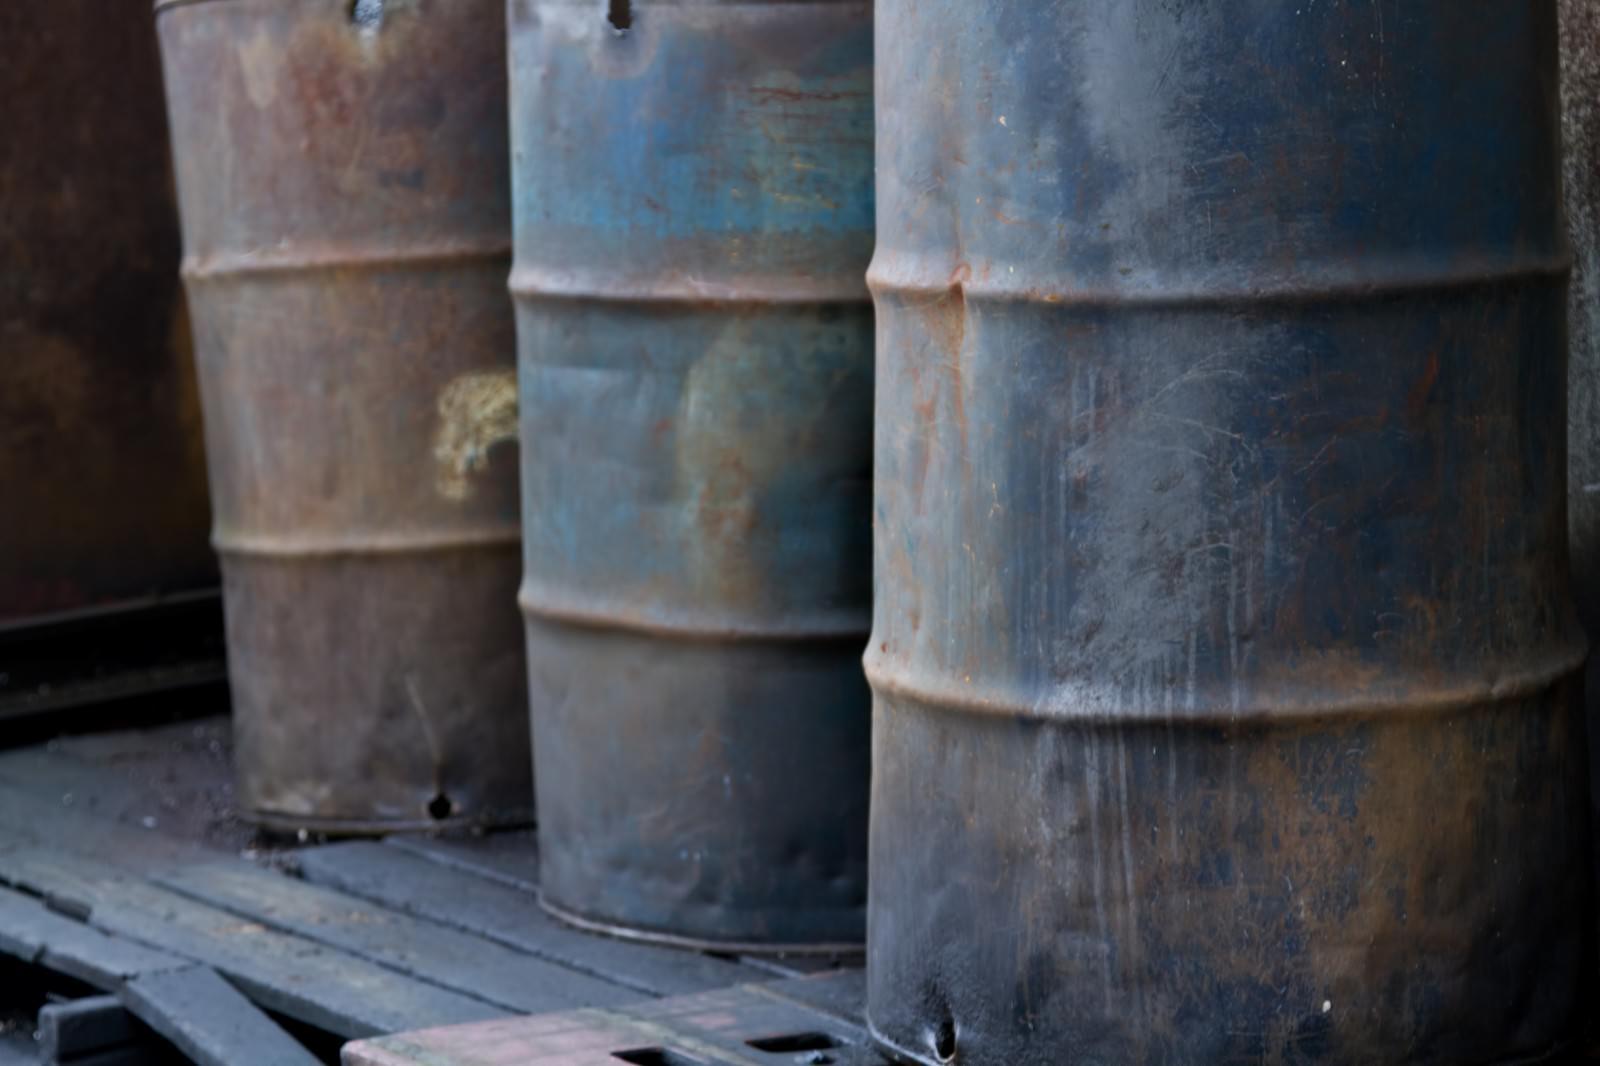 「工場にある汚れたドラム缶」の写真